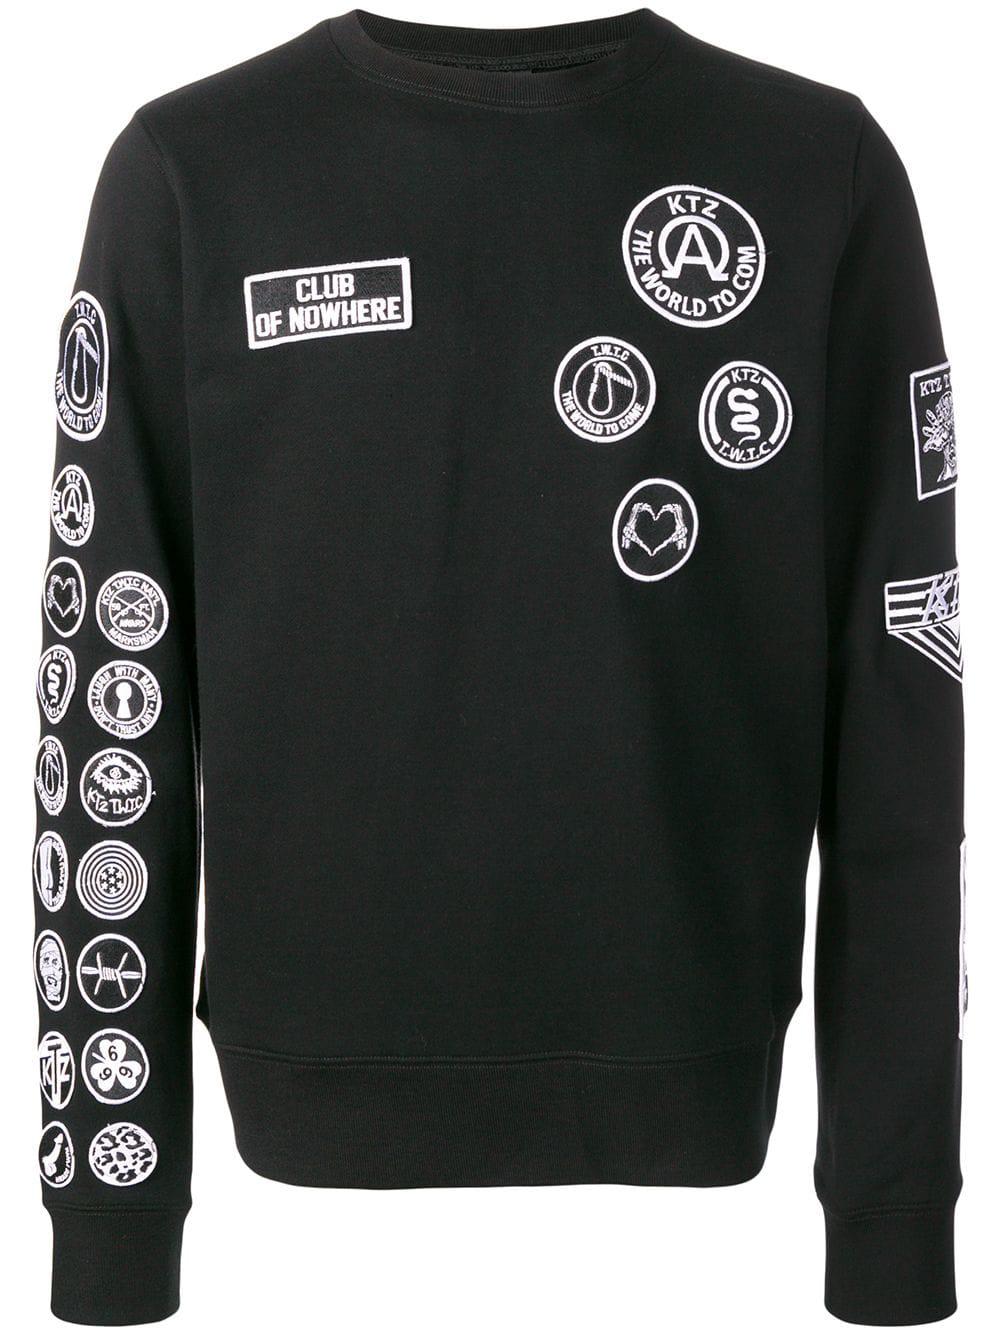 Ktz Scout Patches Sweatshirt - Black